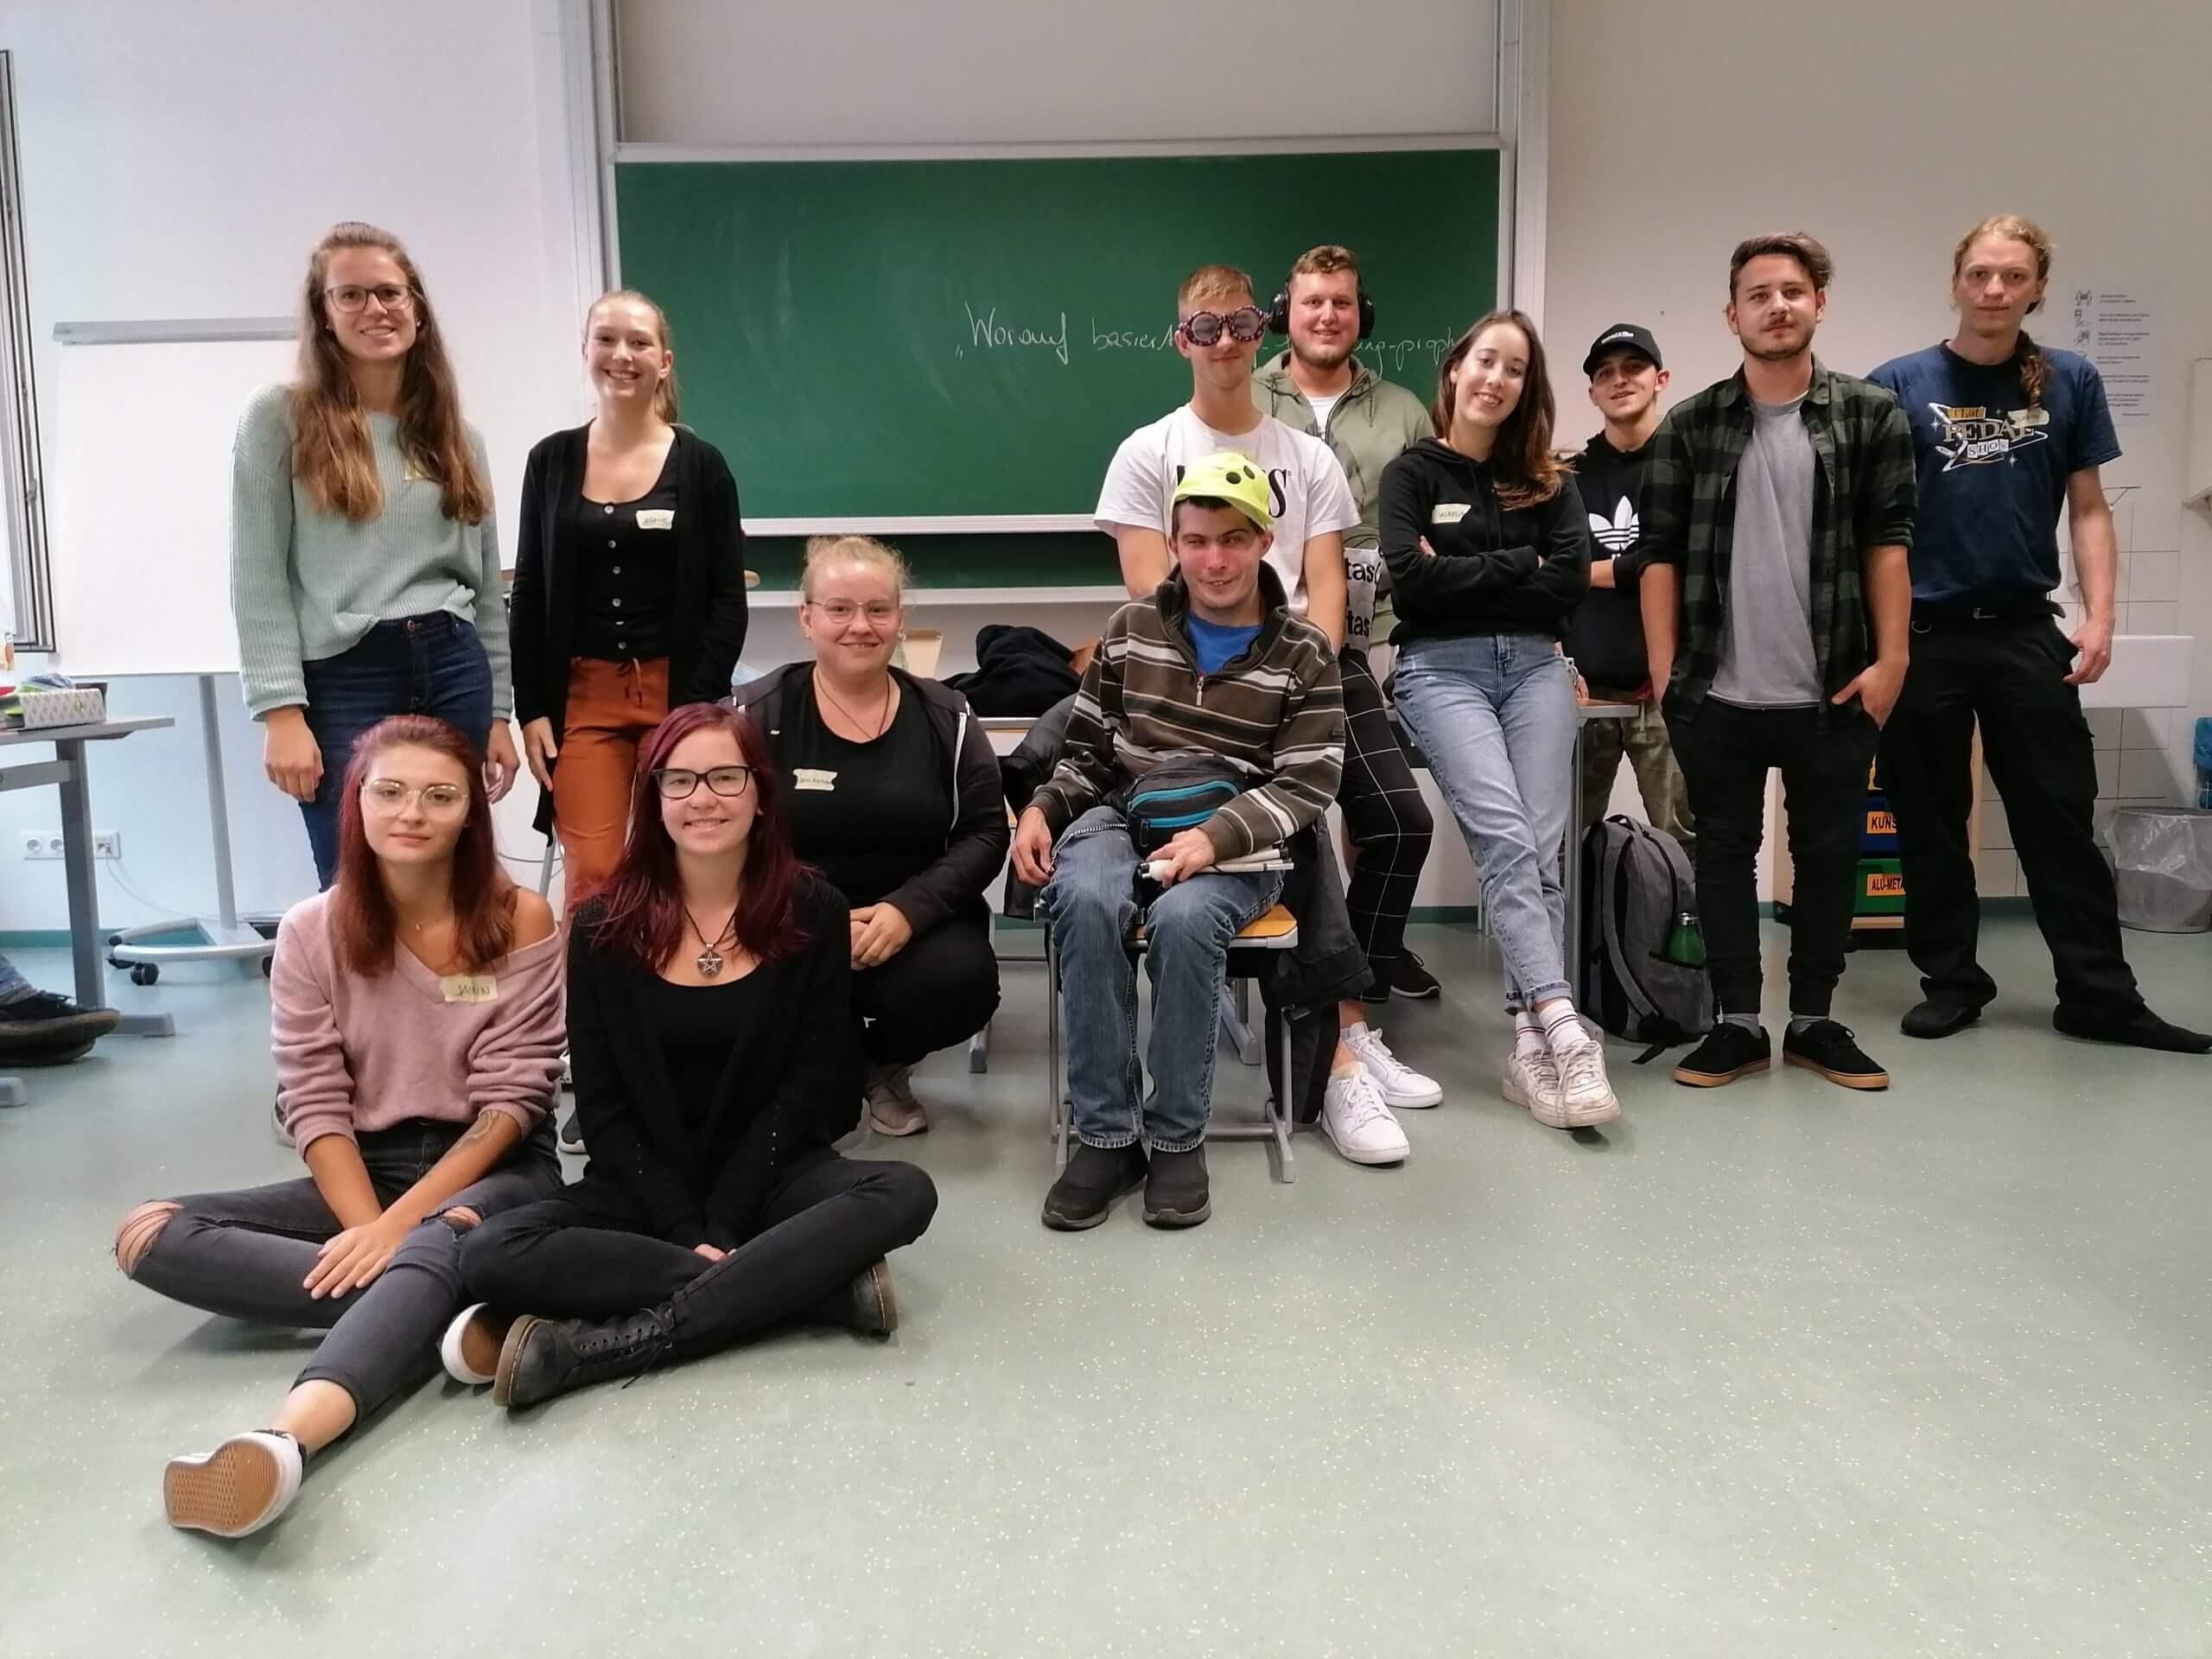 Klasse der SOB Gallneukirchen gemeinsam mit Benni aus der Caritas-Einrichtung St.Elisabeth stehen zusammen nach dem Workshop